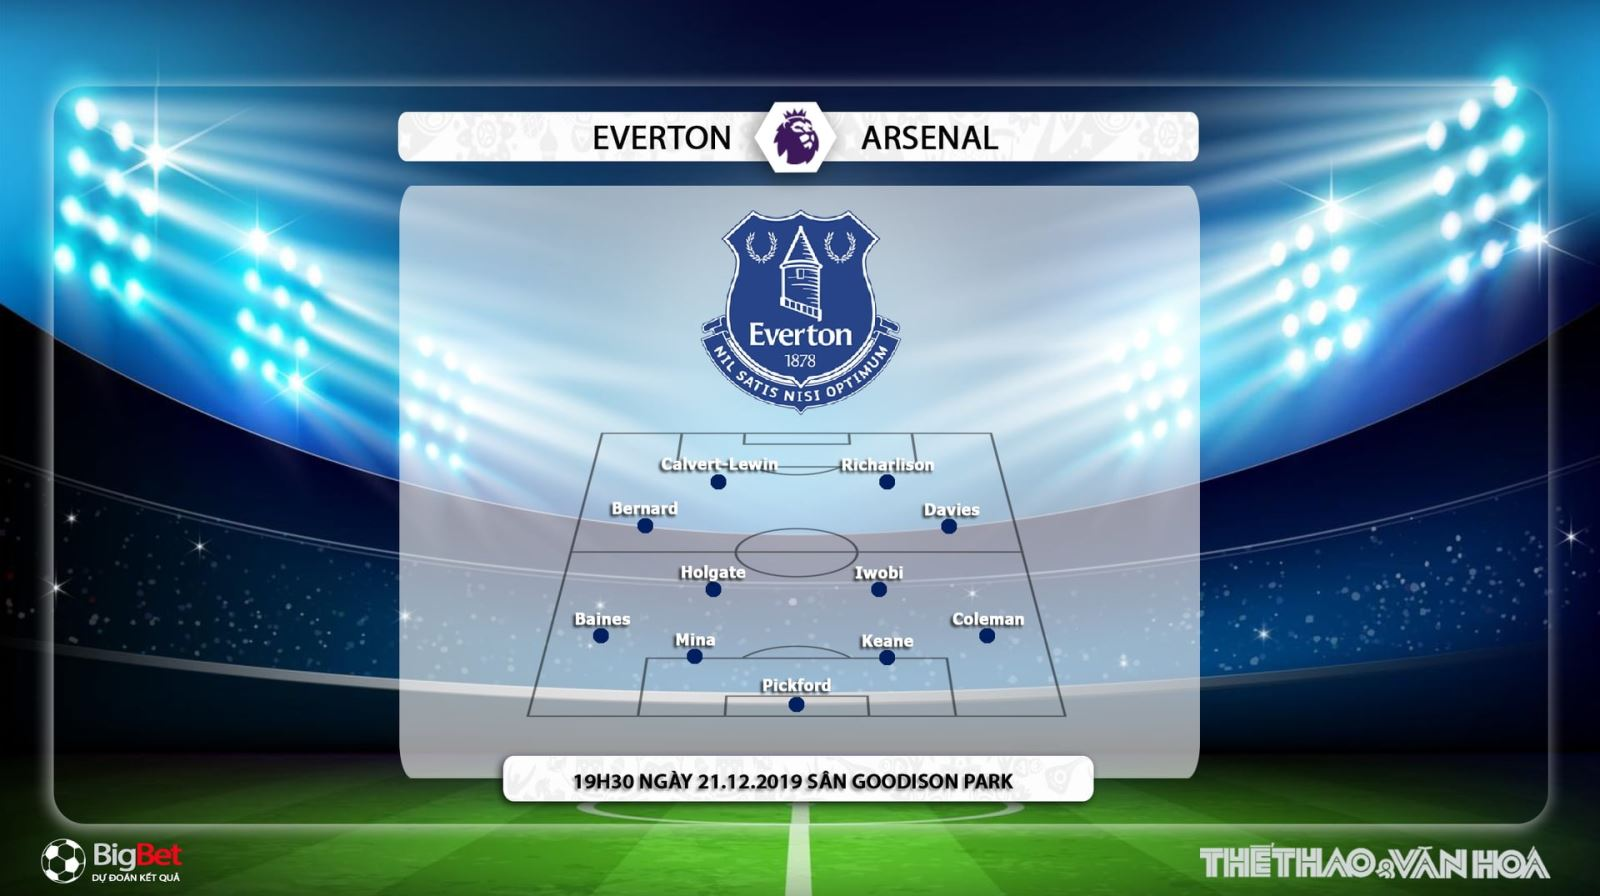 Everton vs Arsenal, Everton, Arsenal, trực tiếp bóng đá, trực tiếp Everton vs Arsenal, soi kèo Everton vs Arsenal, dự đoán Everton vs Arsenal